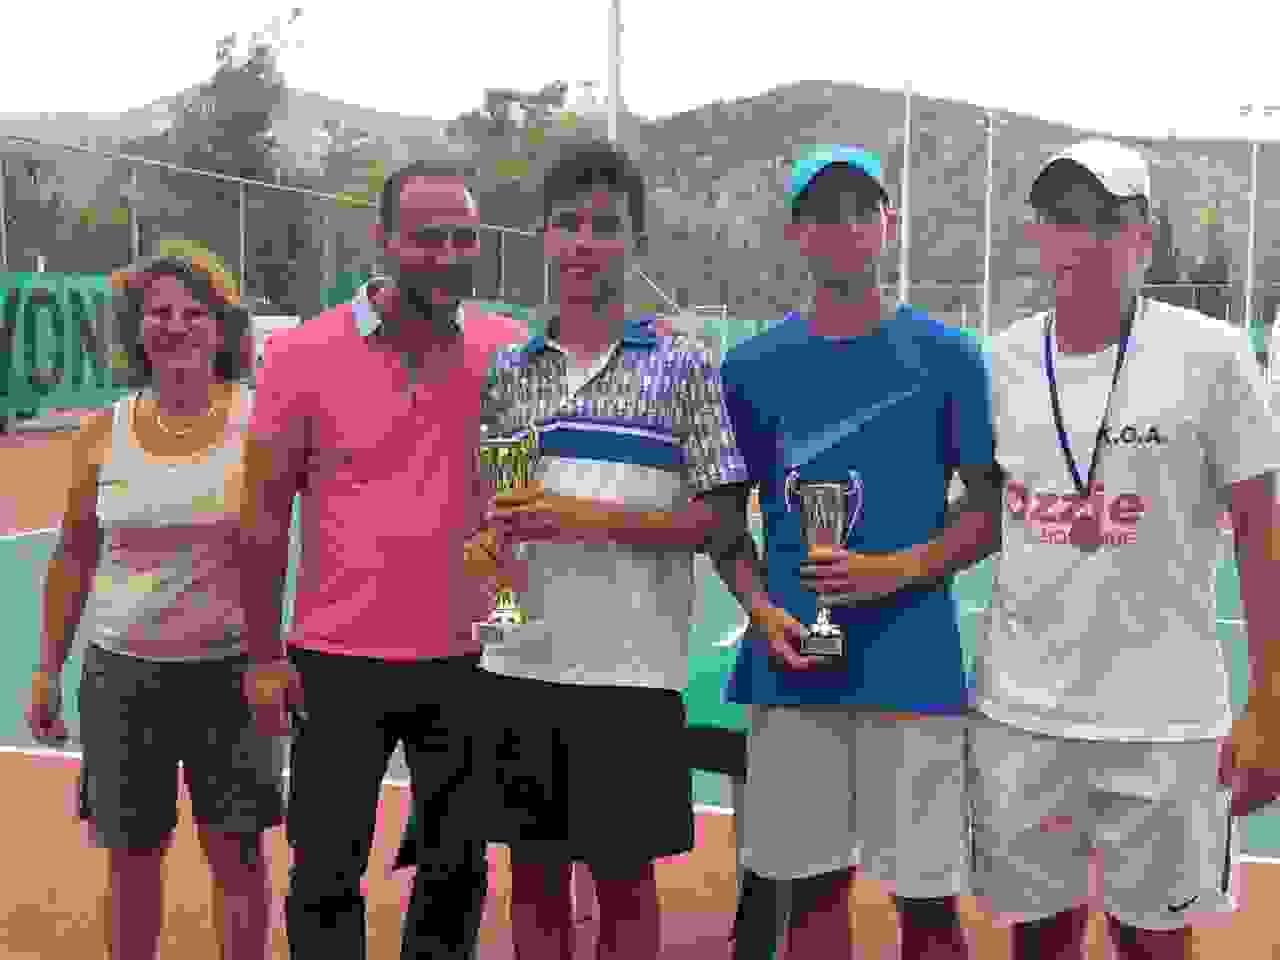 Επιτυχημένο το Ενωσιακό Πρωτάθλημα τένις στο Αργοστόλι